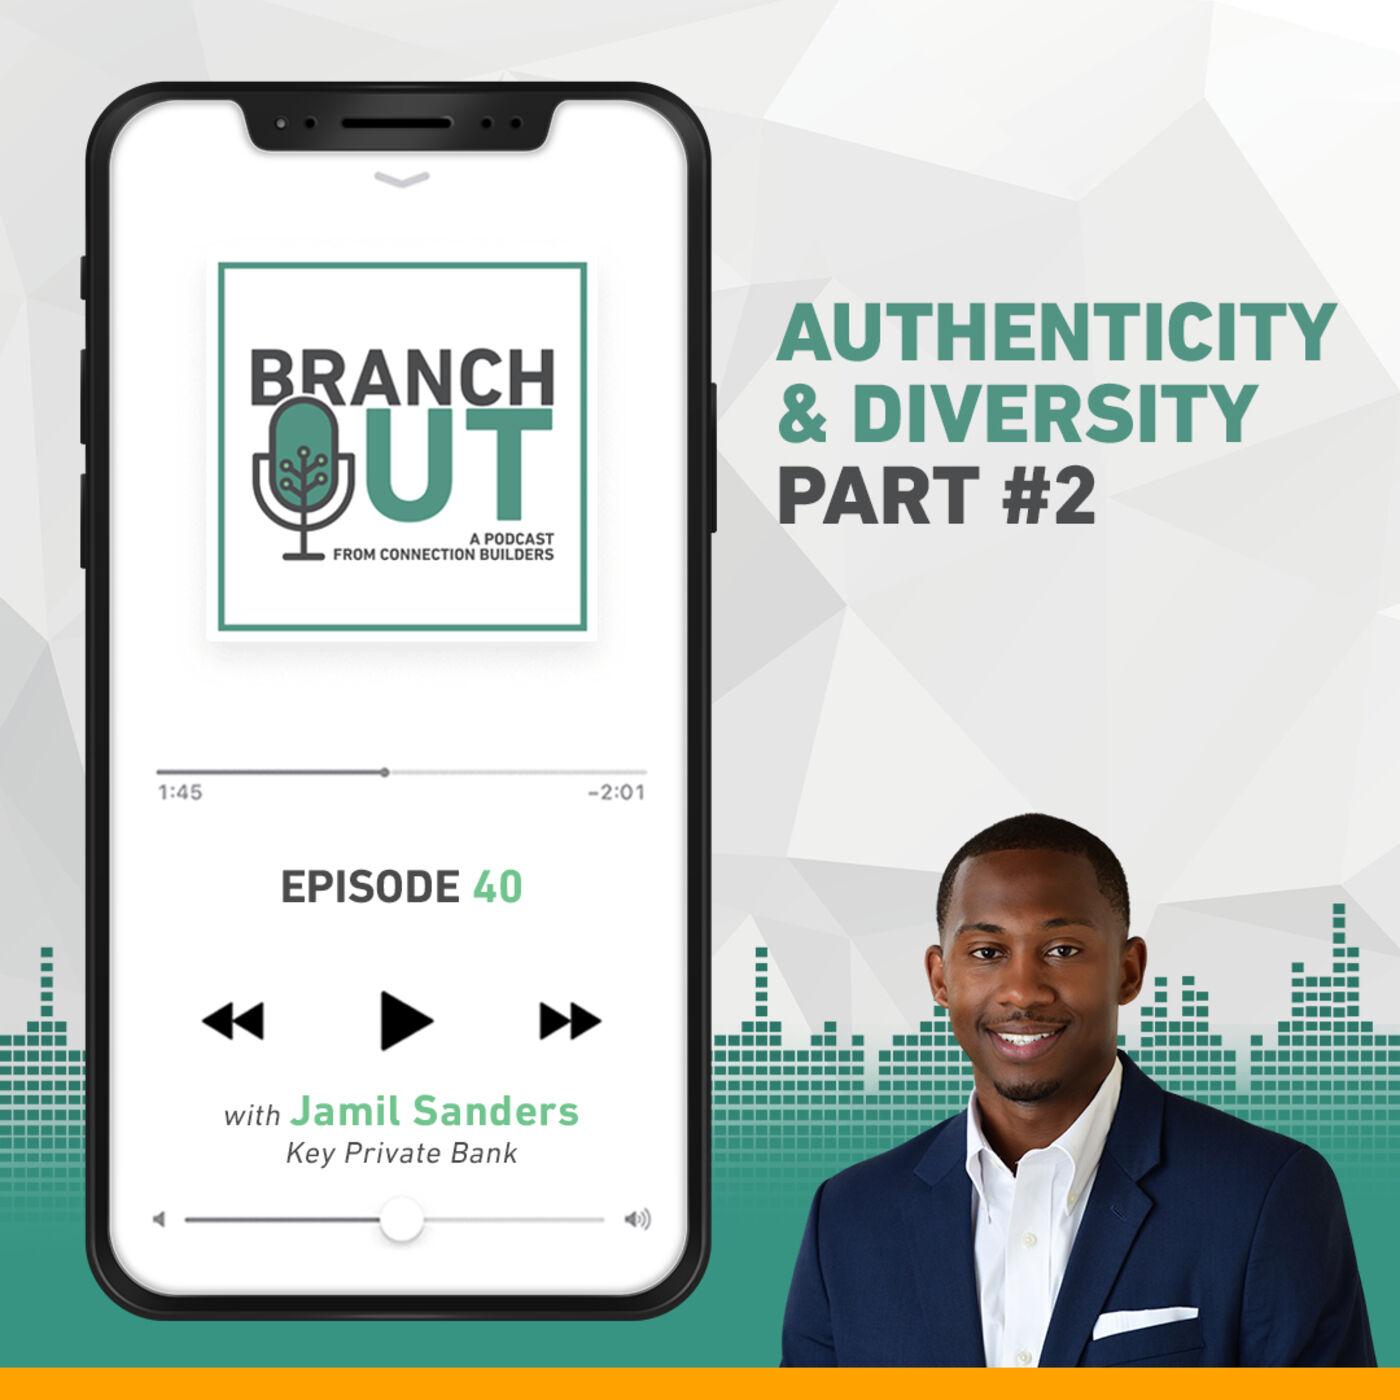 Authenticity & Diversity Part #2 – Jamil Sanders